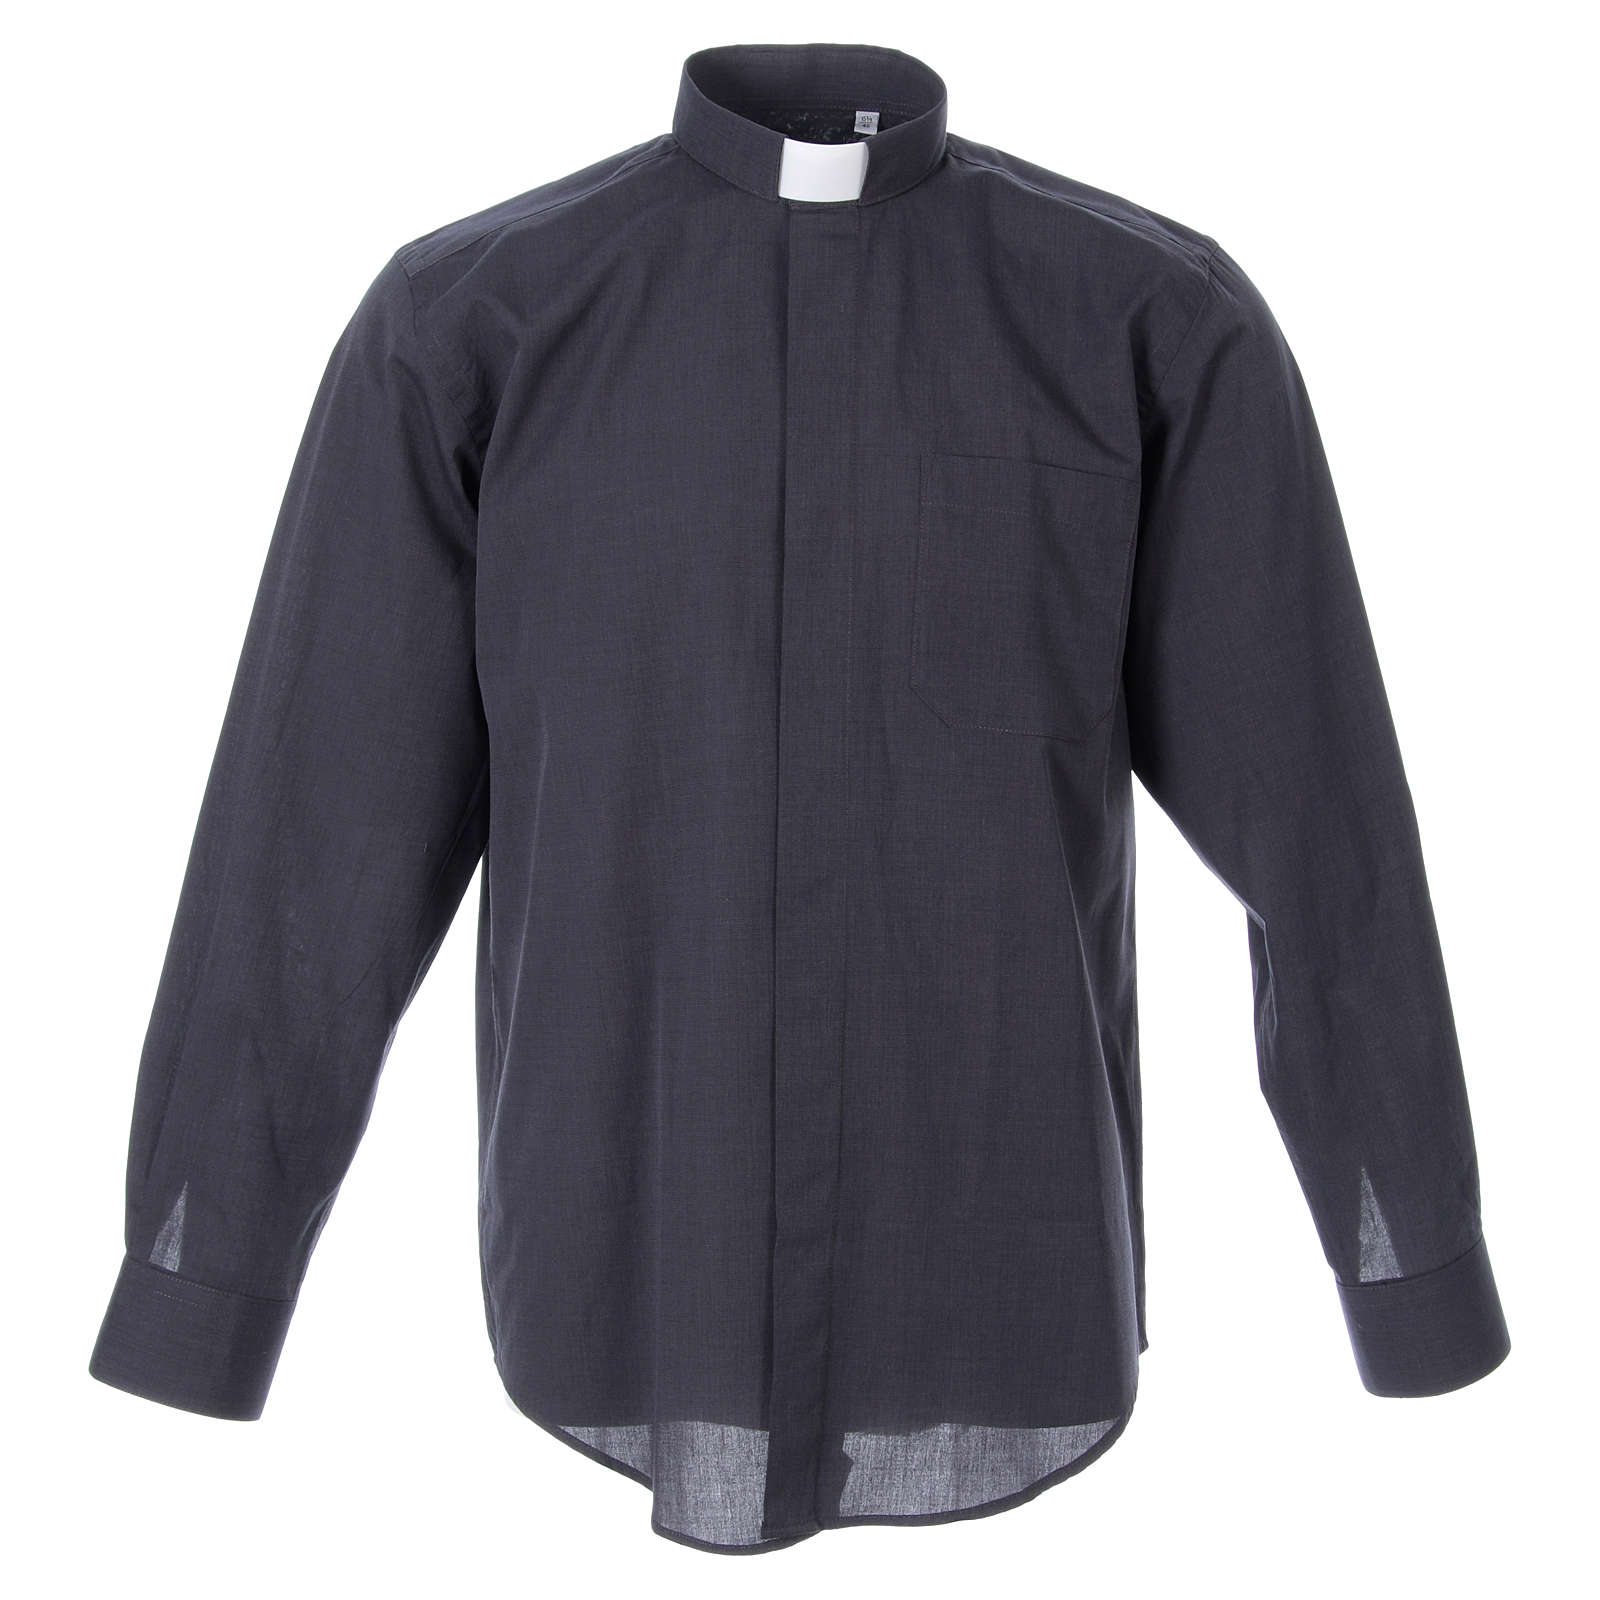 STOCK Camicia clergy manica lunga filafil grigio scuro 4